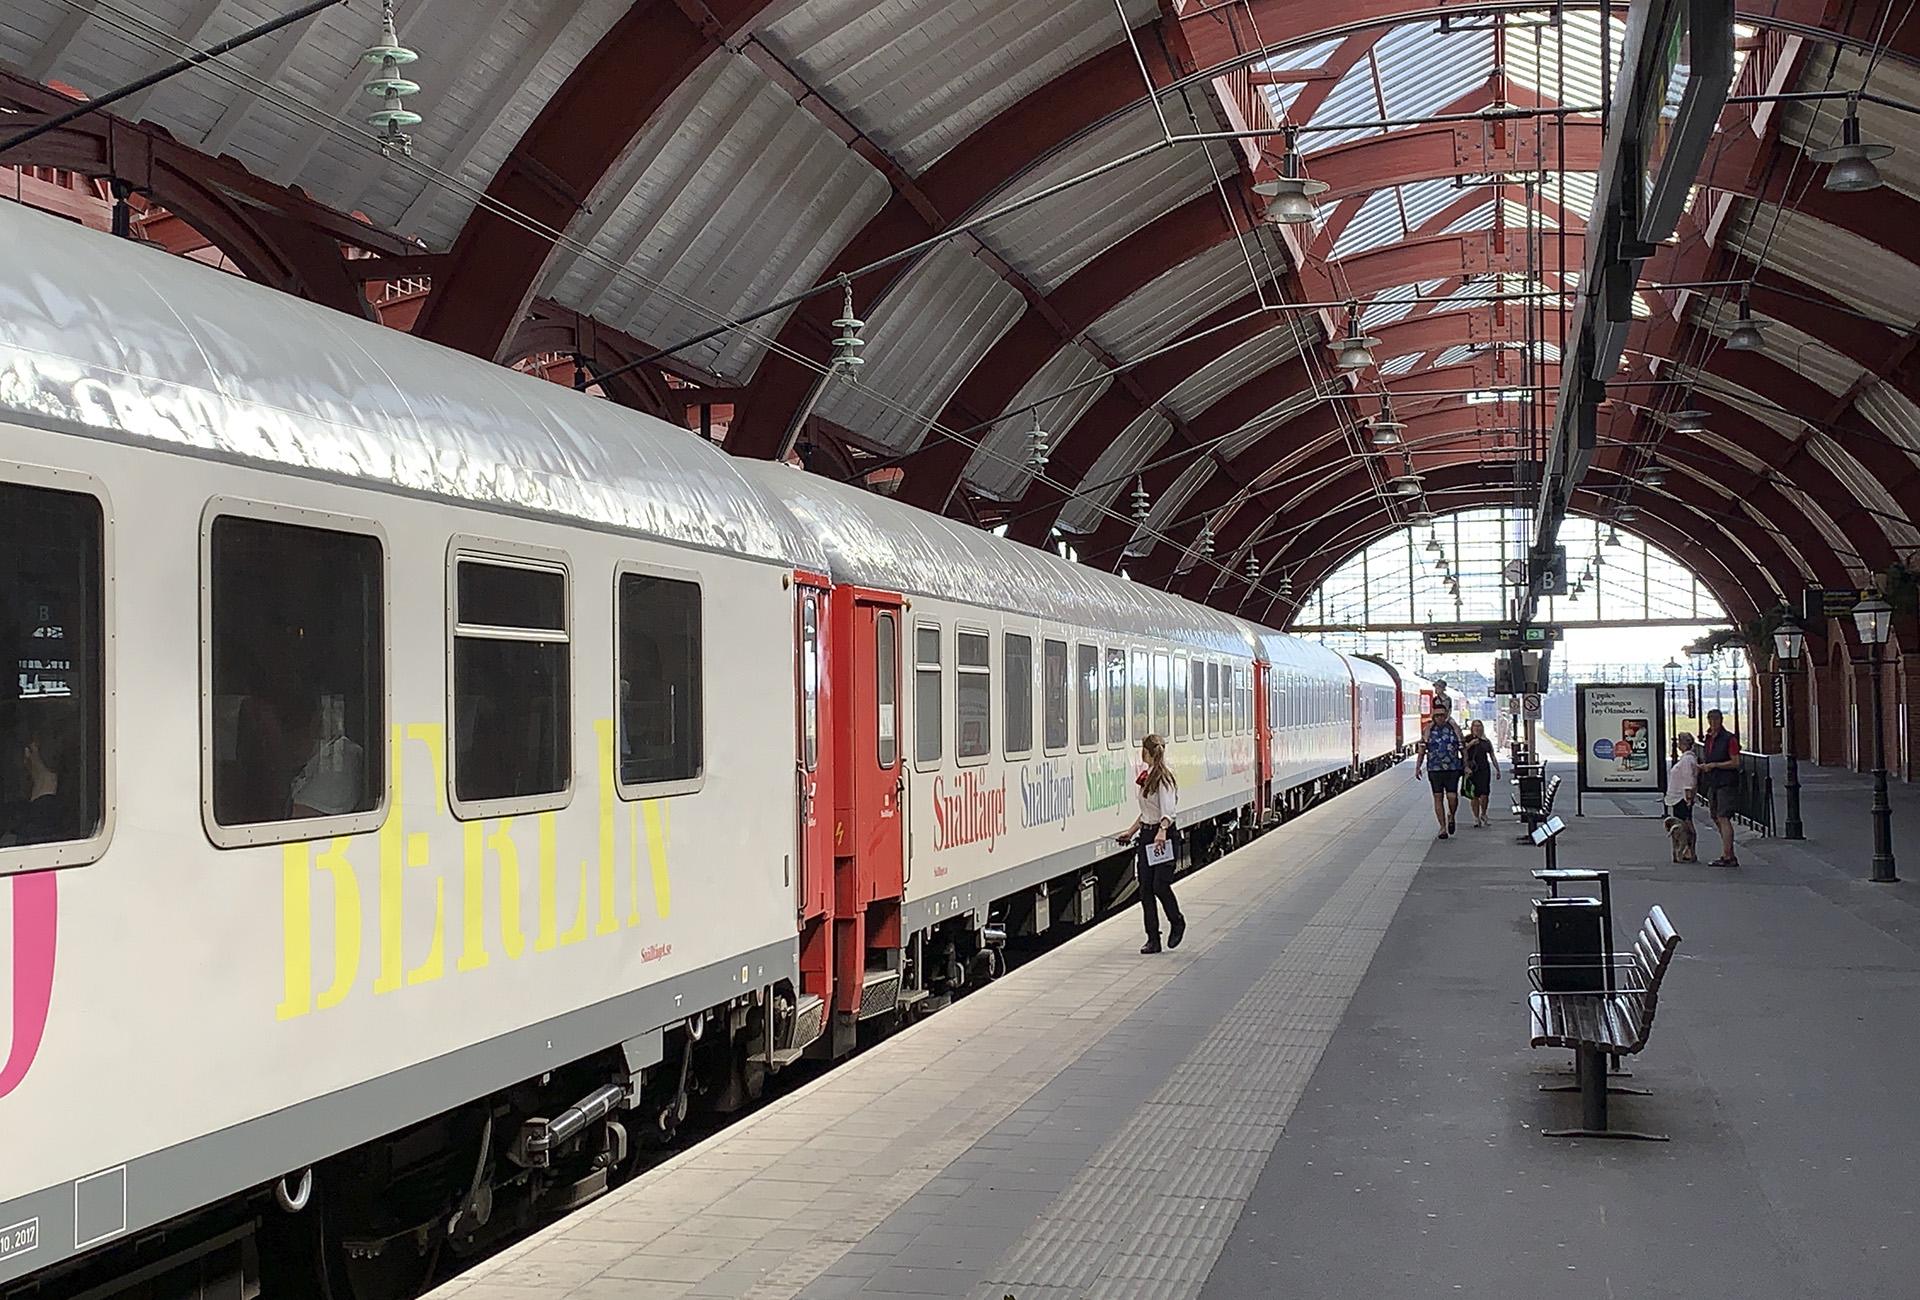 Nattåg Stockholm-Berlin 2021